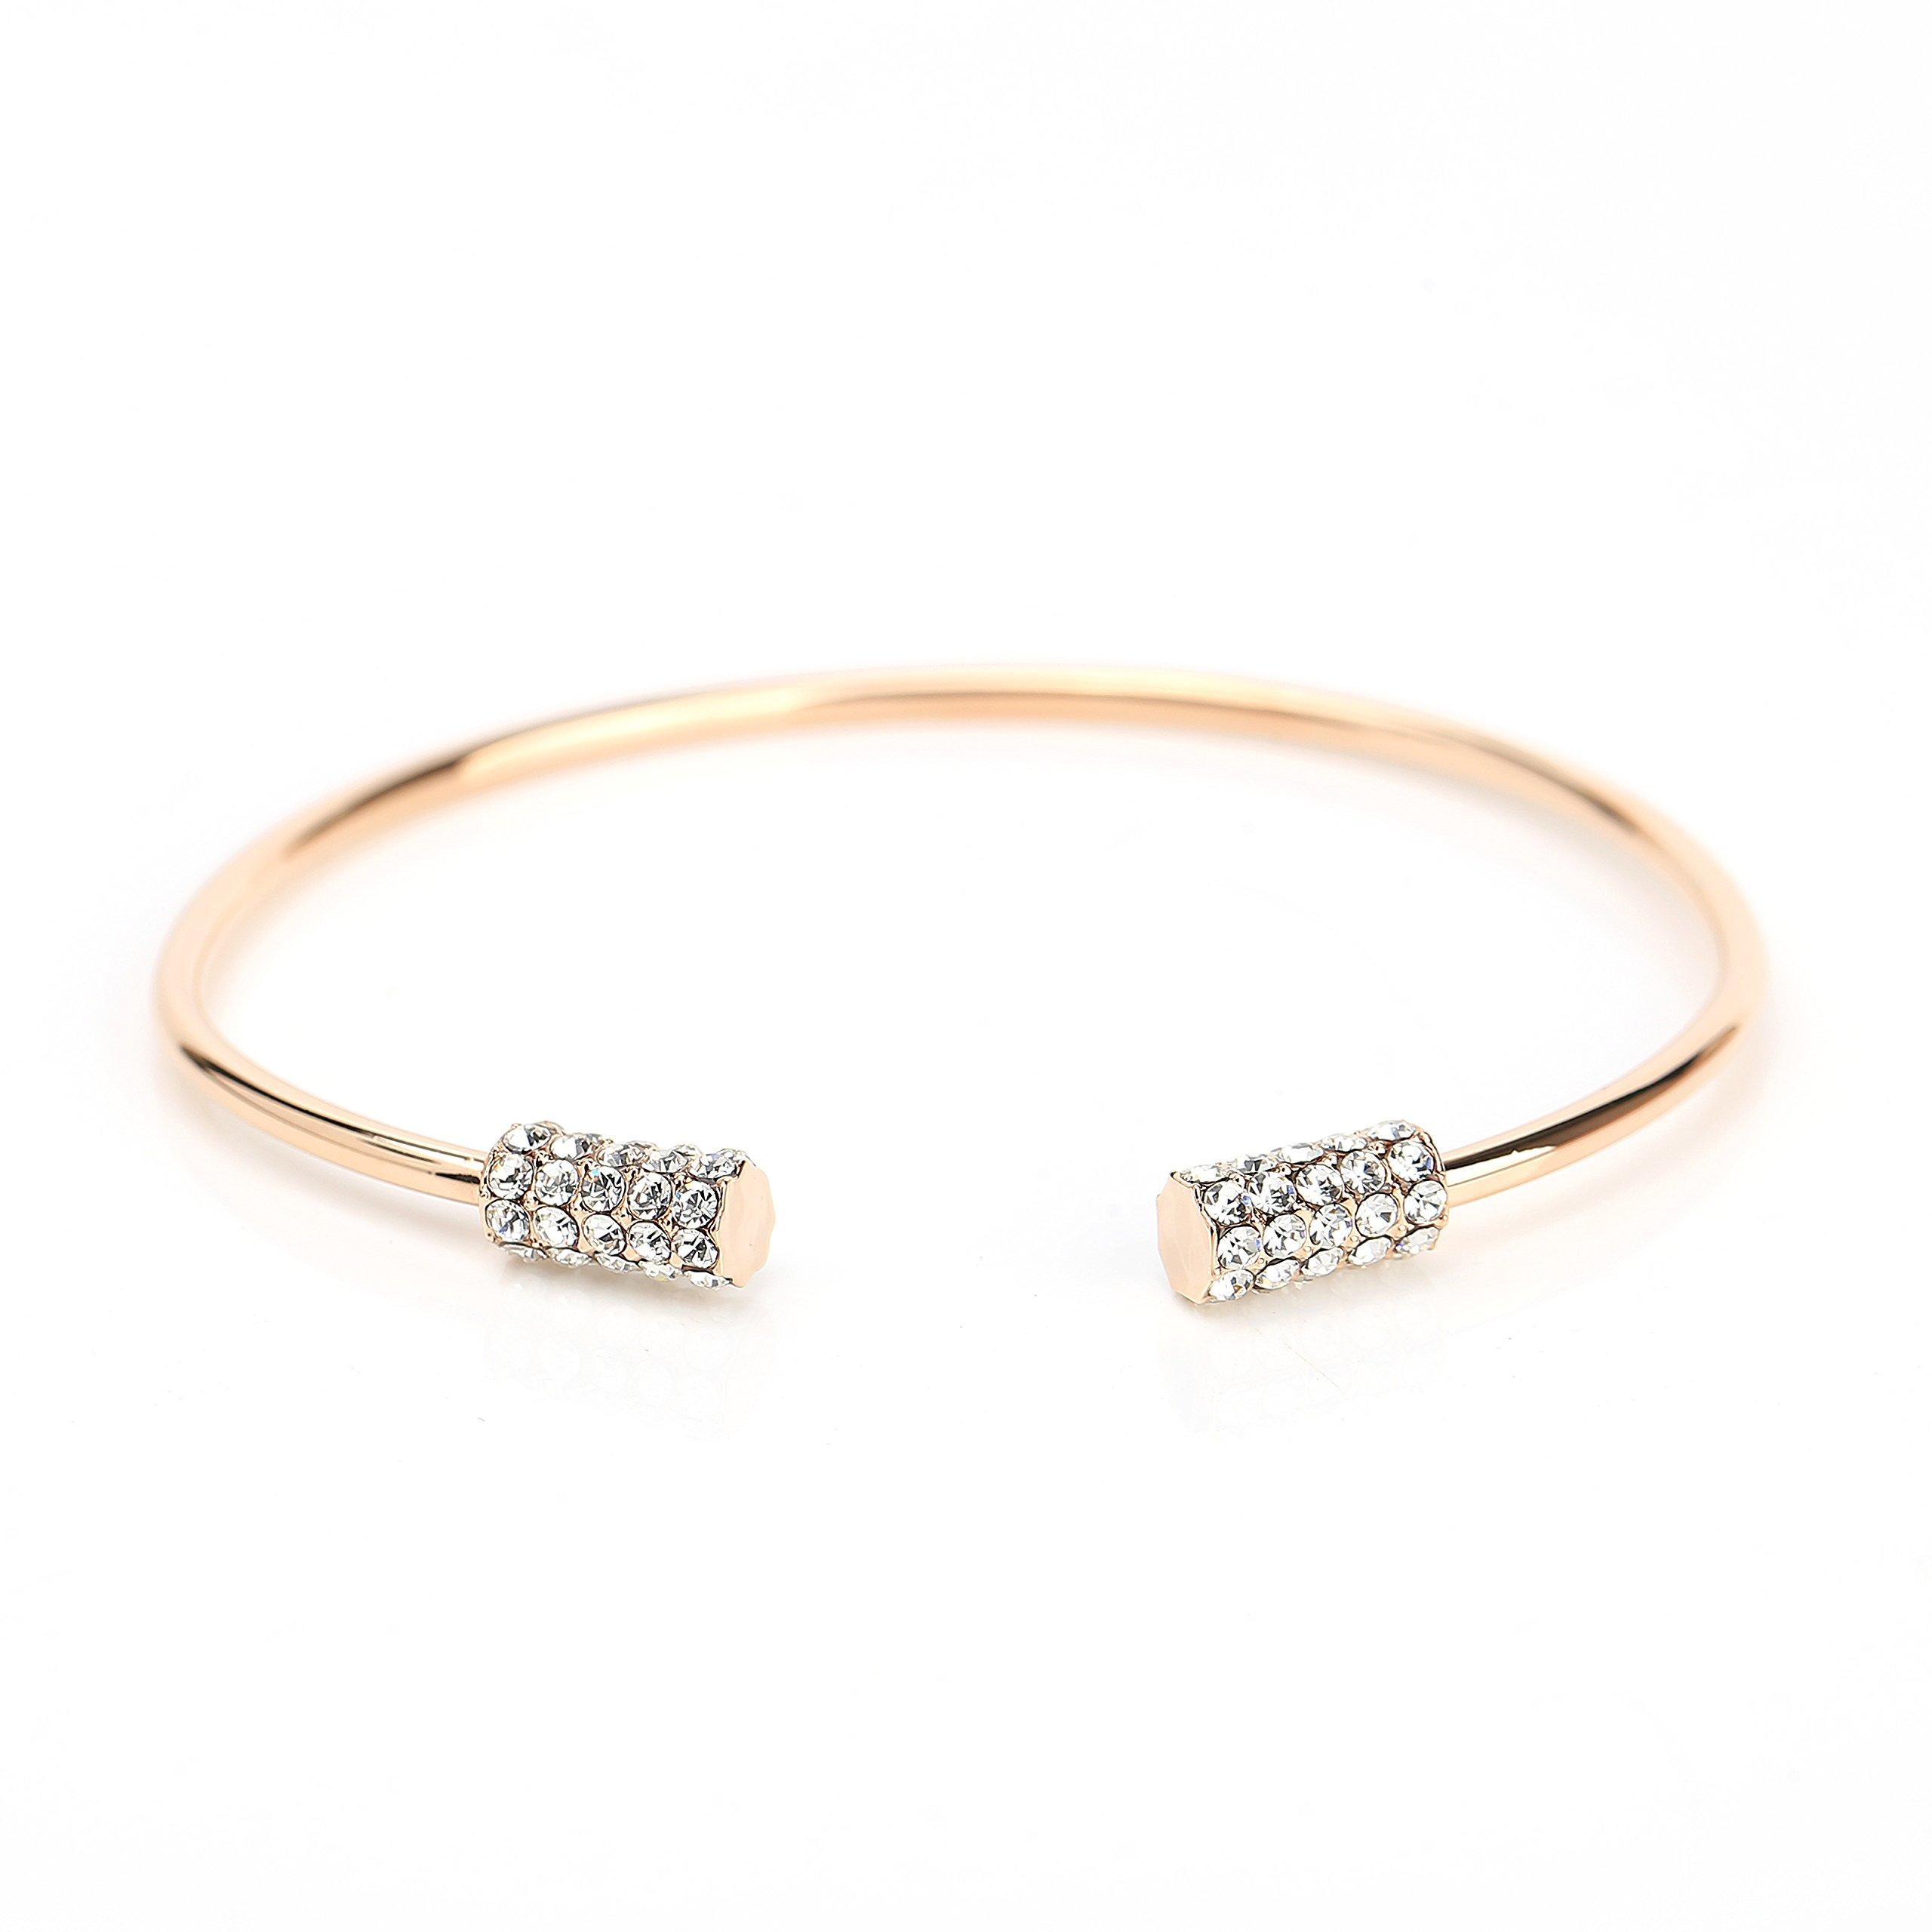 United Elegance Trendy Designer Bangle Bracelet with Sparkling Swarovski Style Crystals (220003)